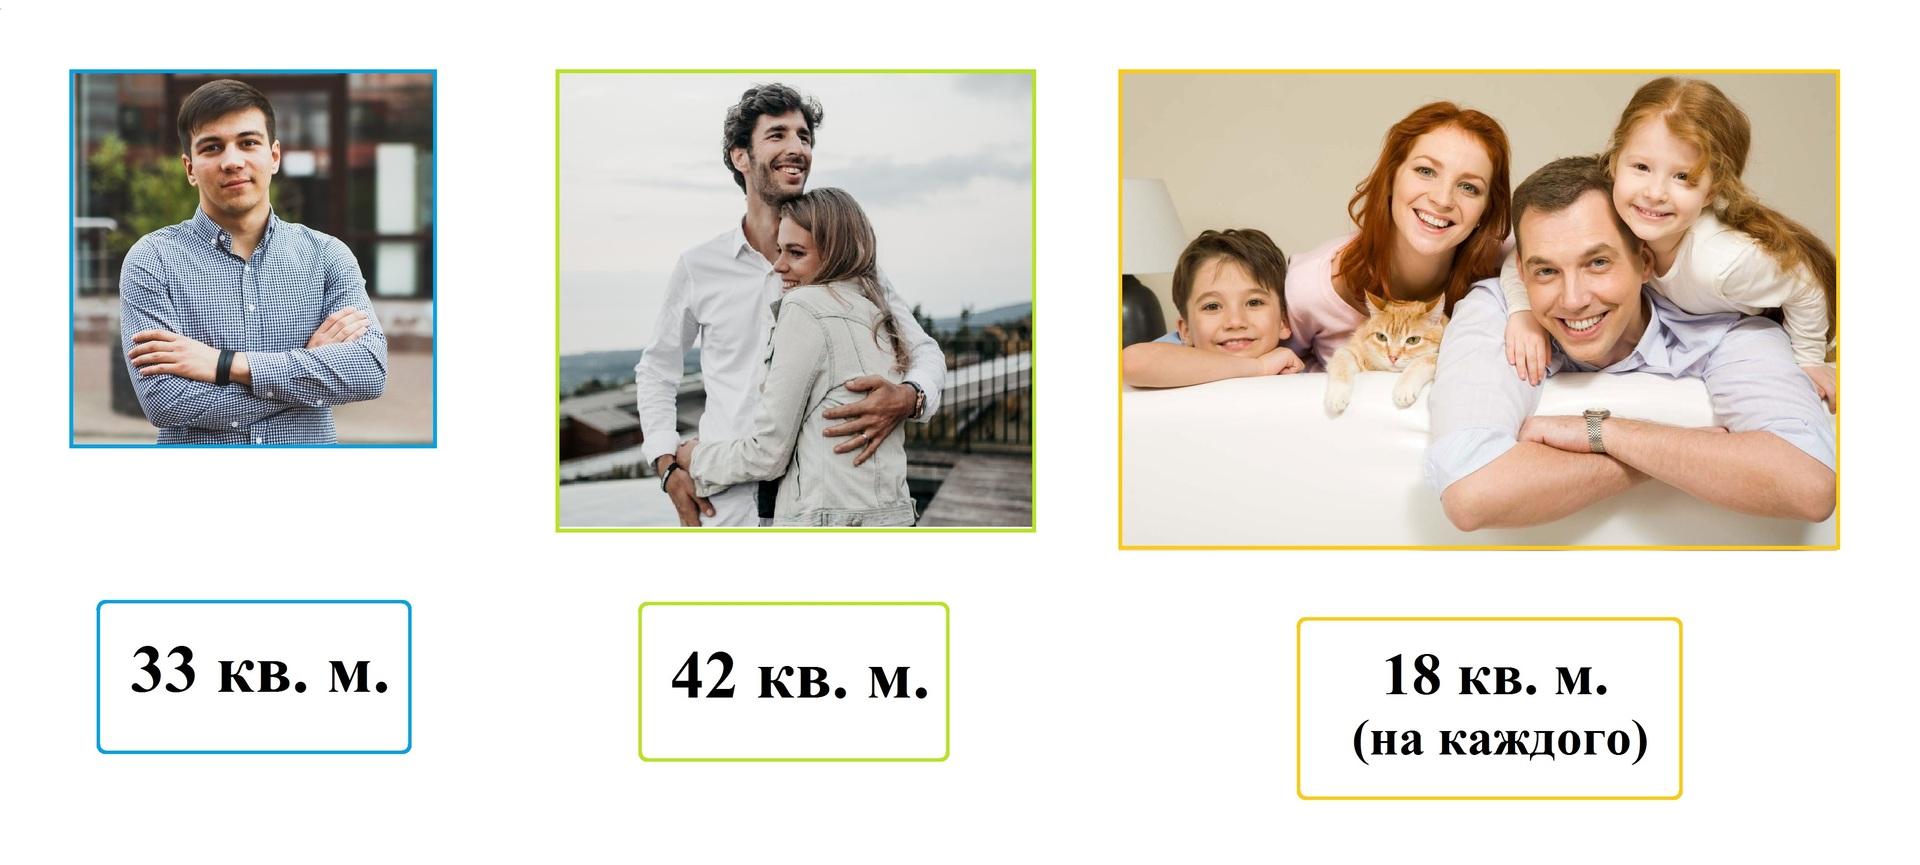 Нормы жилплощади — сколько квадратных метров жилья положено на одного человека?